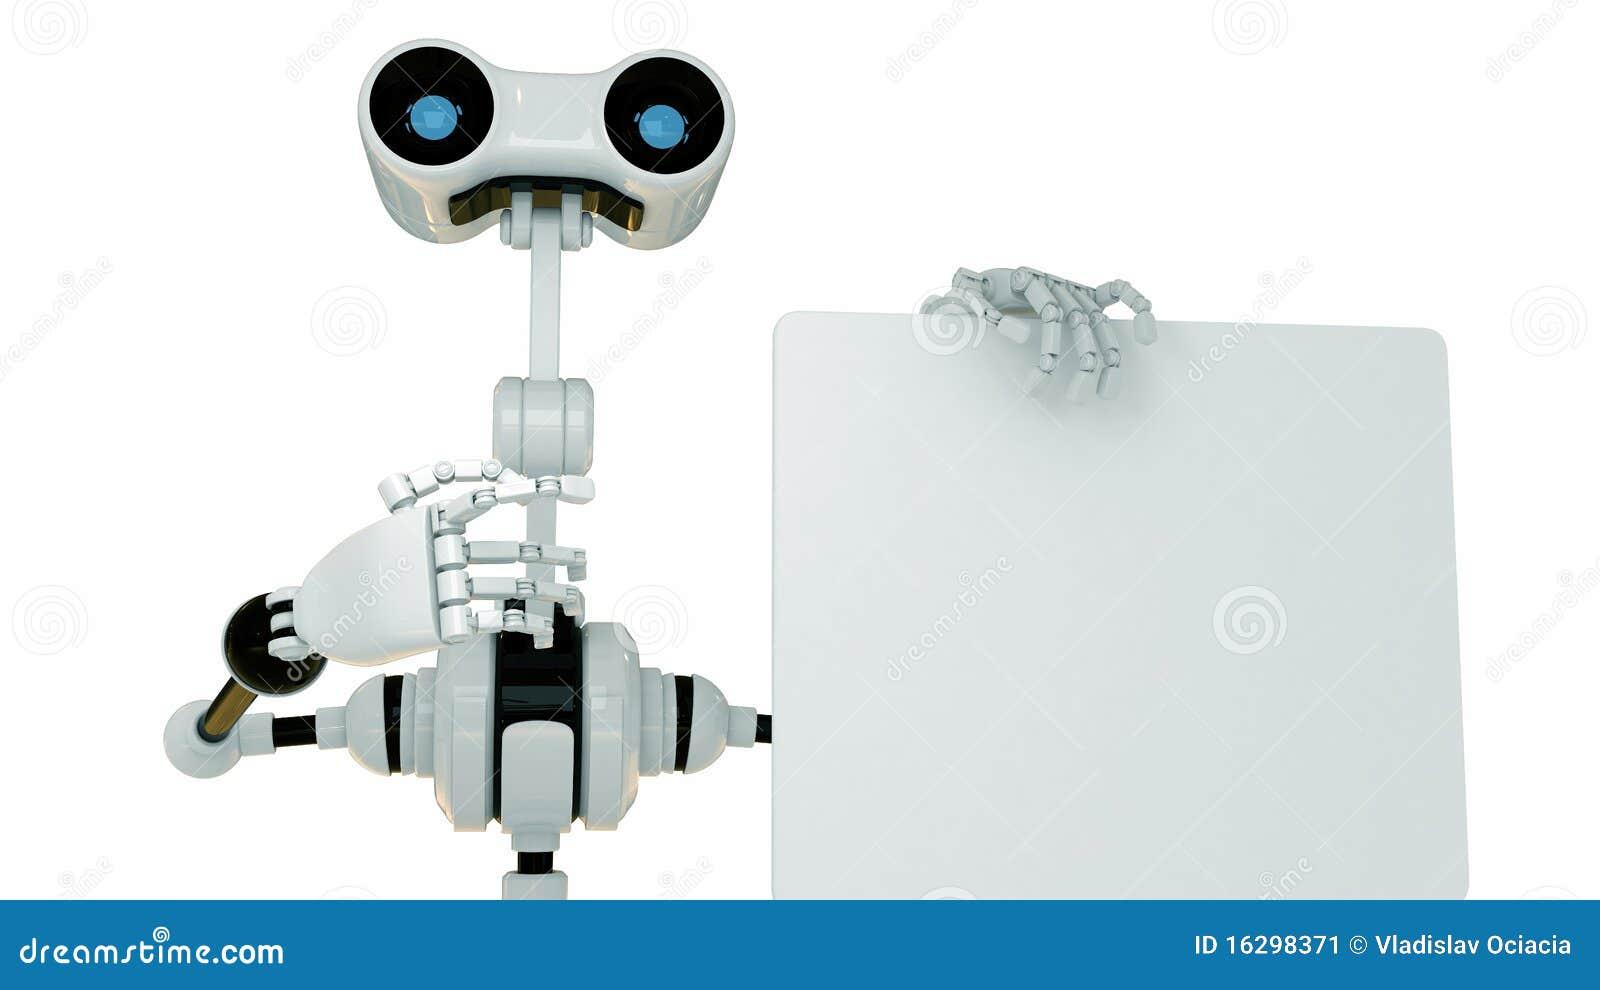 董事会冷静靠机械装置维持生命的人&#